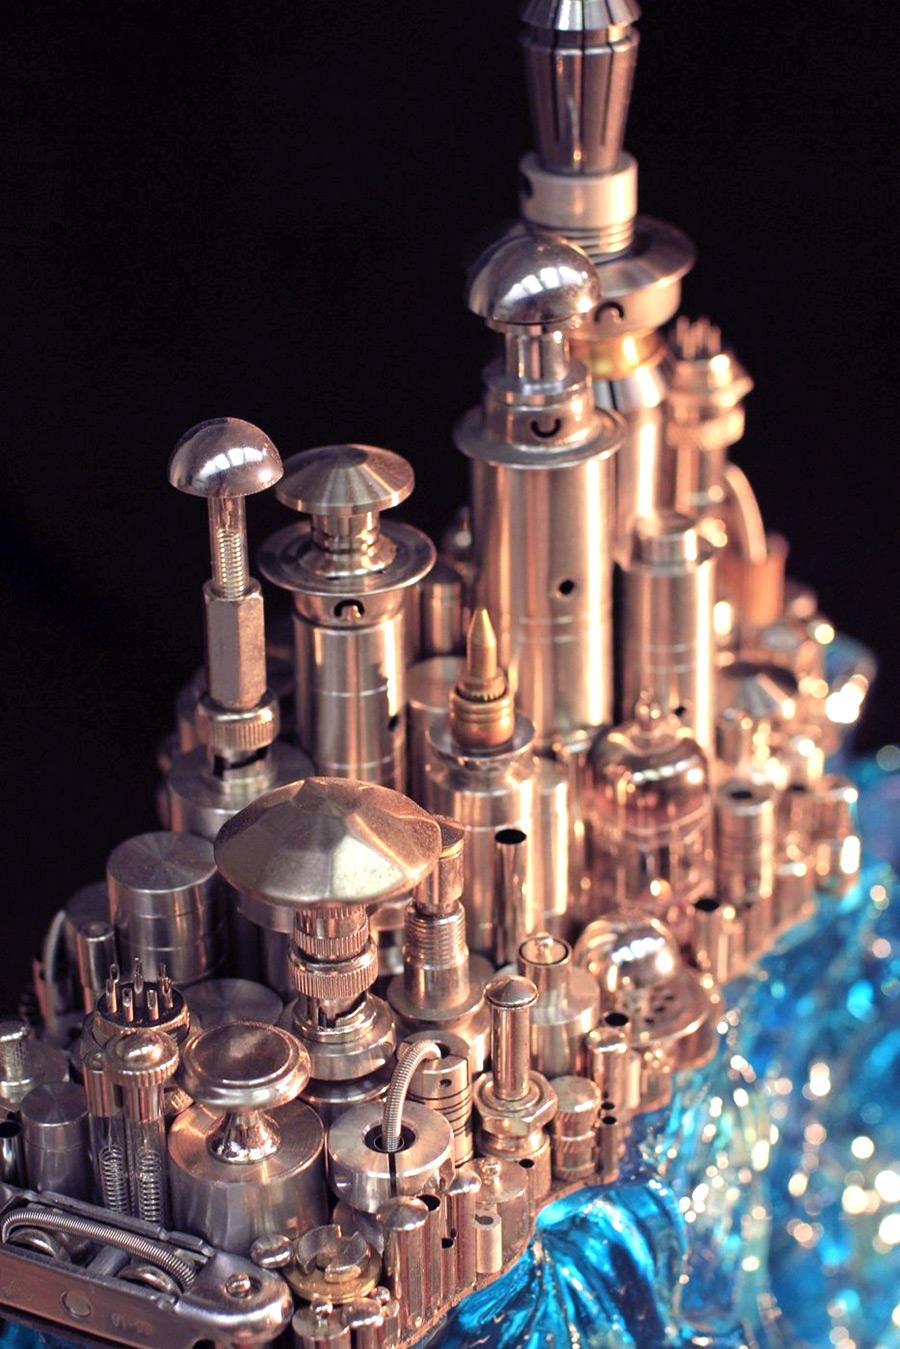 Восхитительная металлическая скульптура от Ху Шаоминга